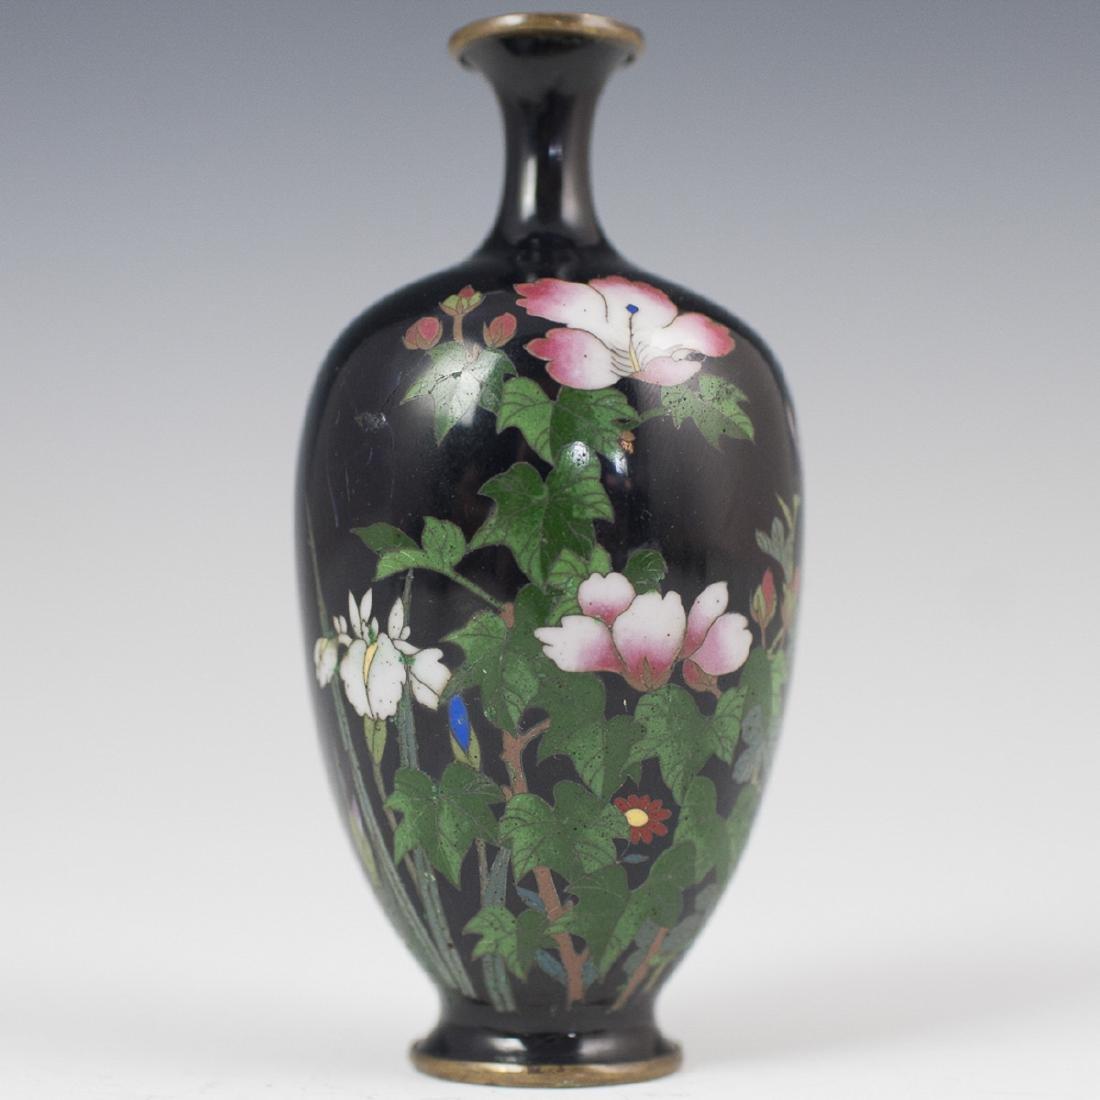 Japanese Cloisonne Enameled Vase